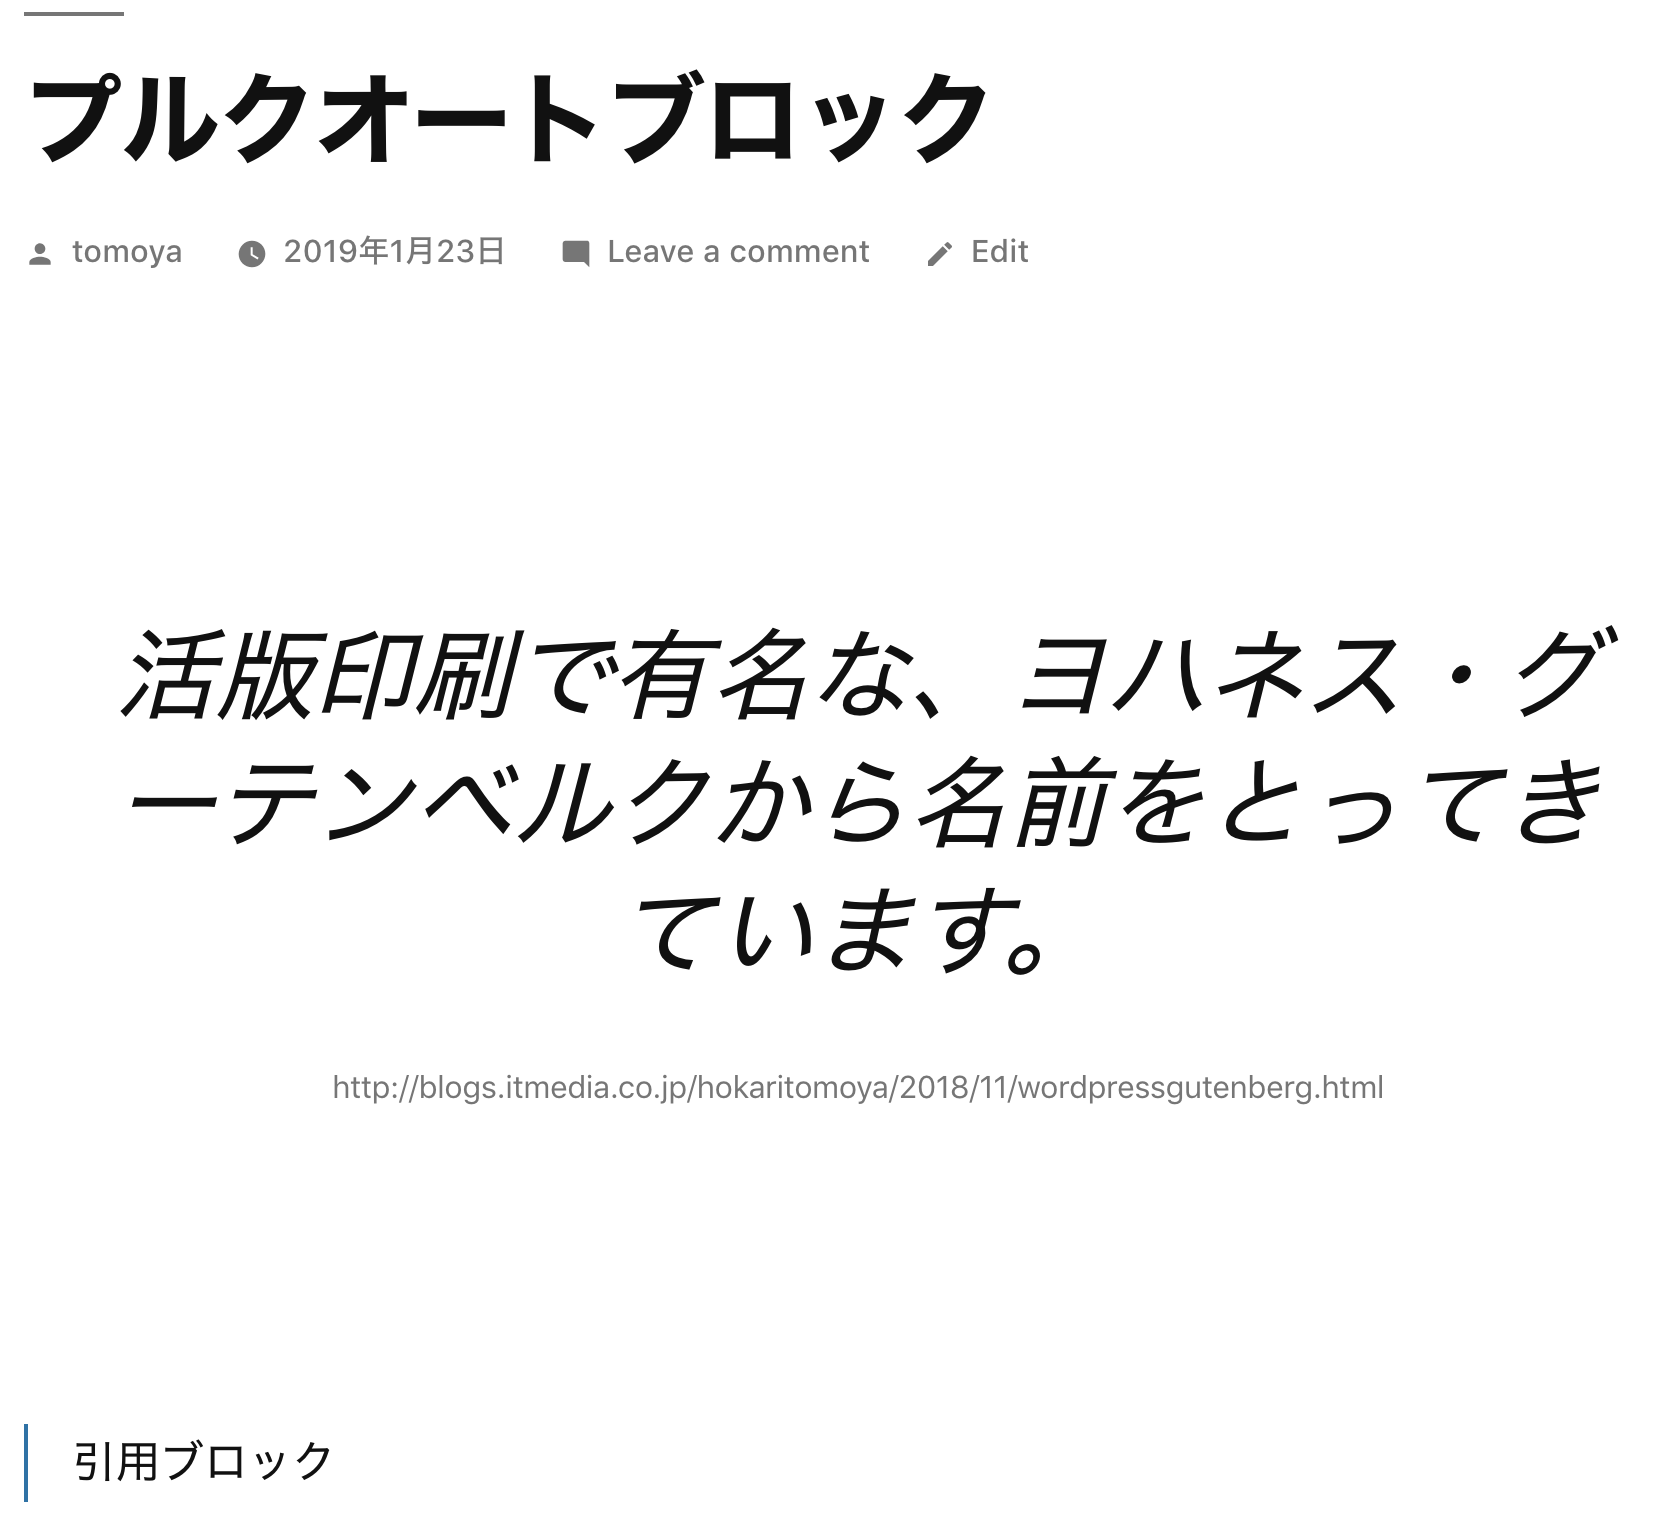 スクリーンショット 2019-01-23 20.42.37.png